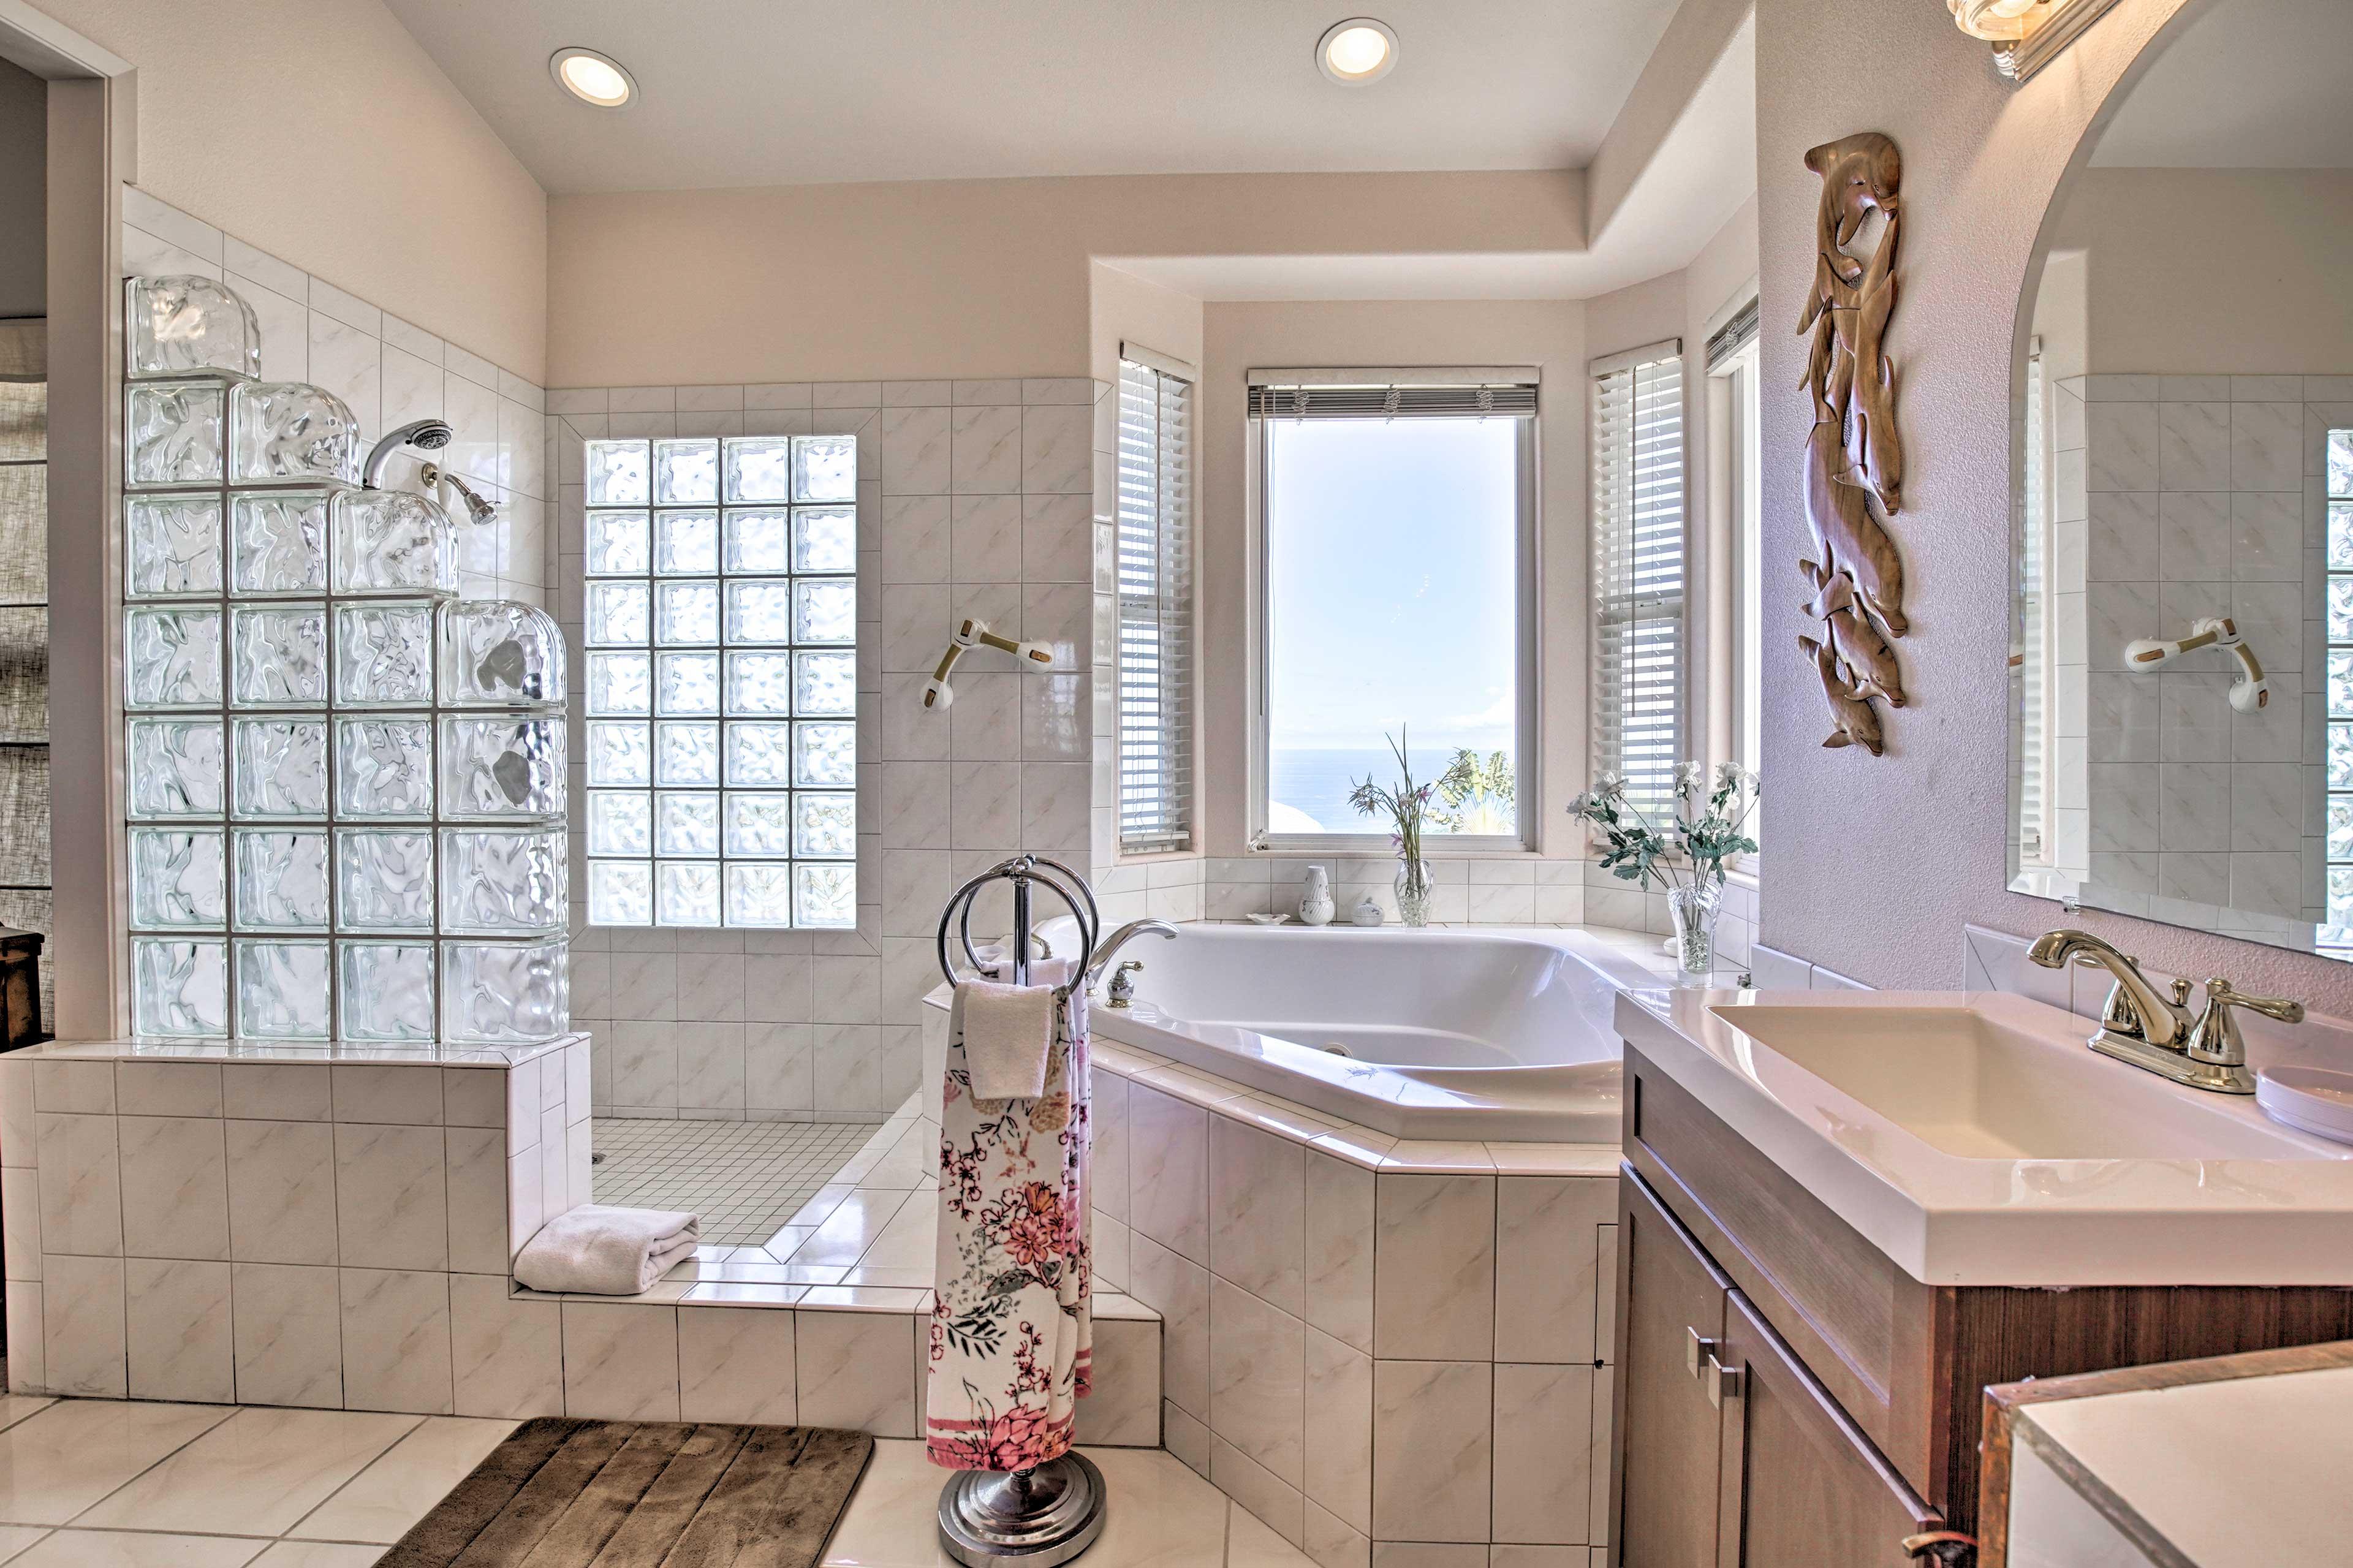 The sleek en-suite bathroom hosts dual sinks, a jaccuzzi tub & walk-in shower.